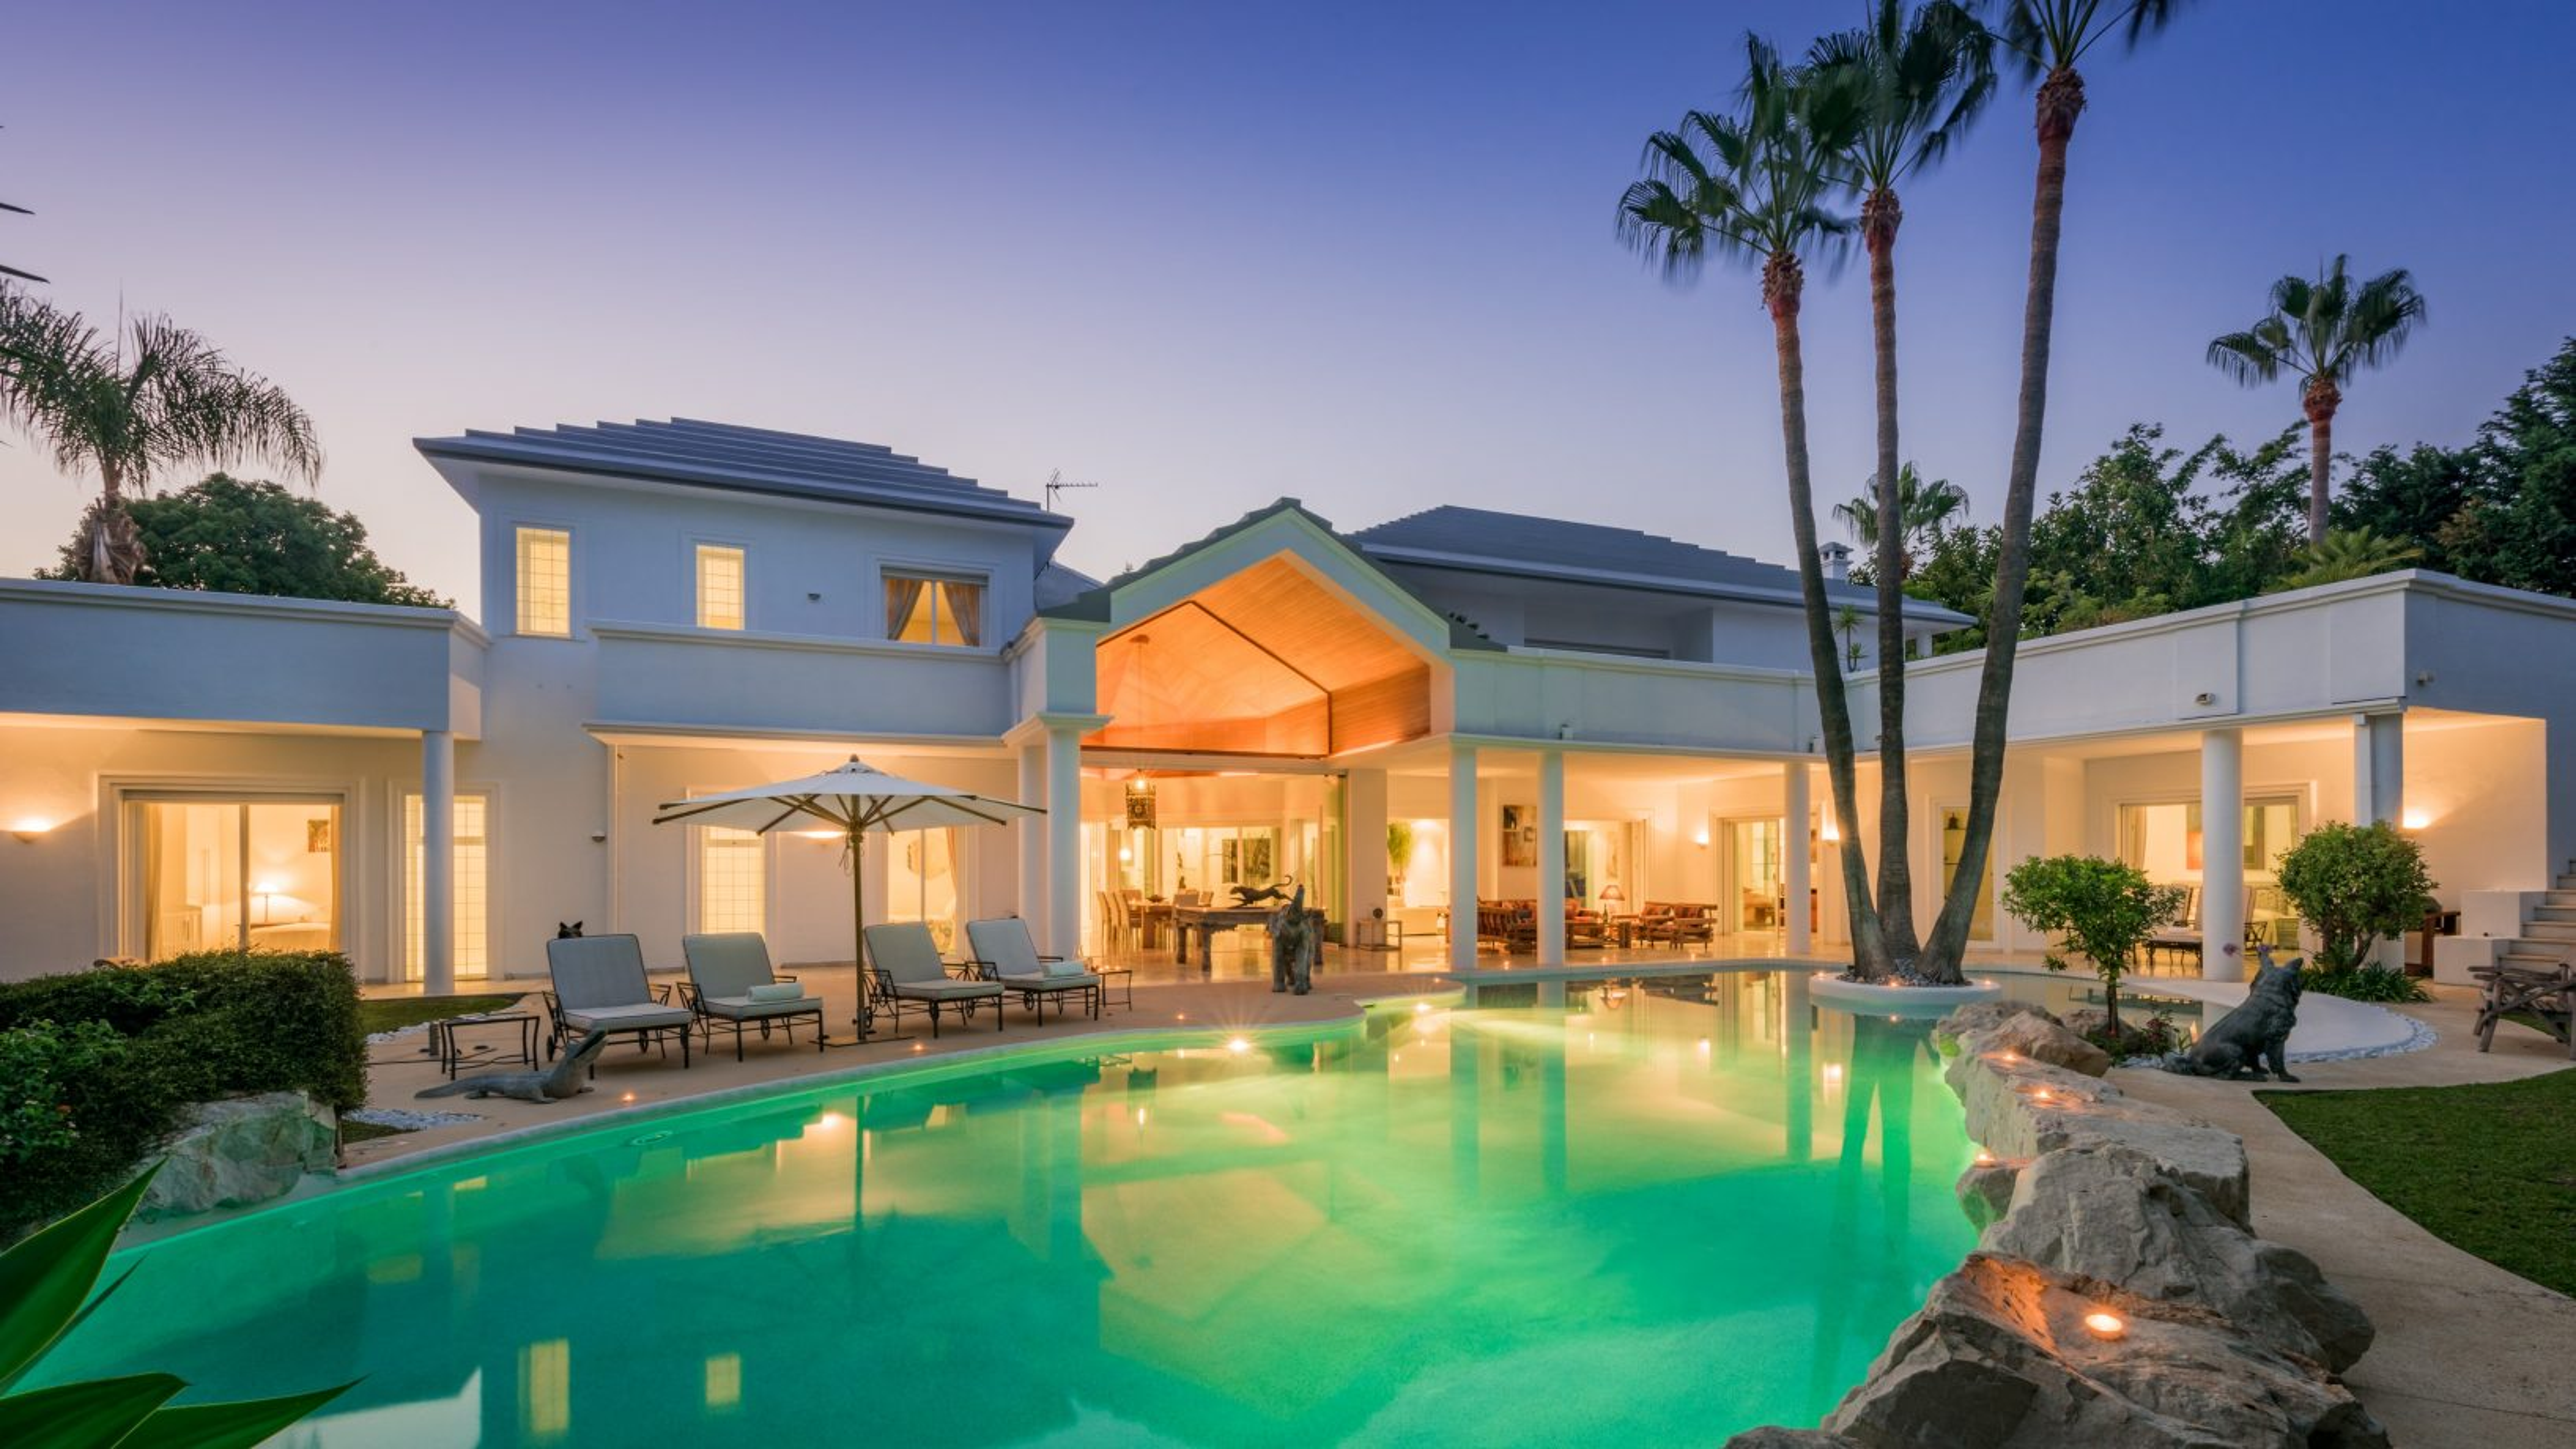 Faire une offre pour acquérir une propriété